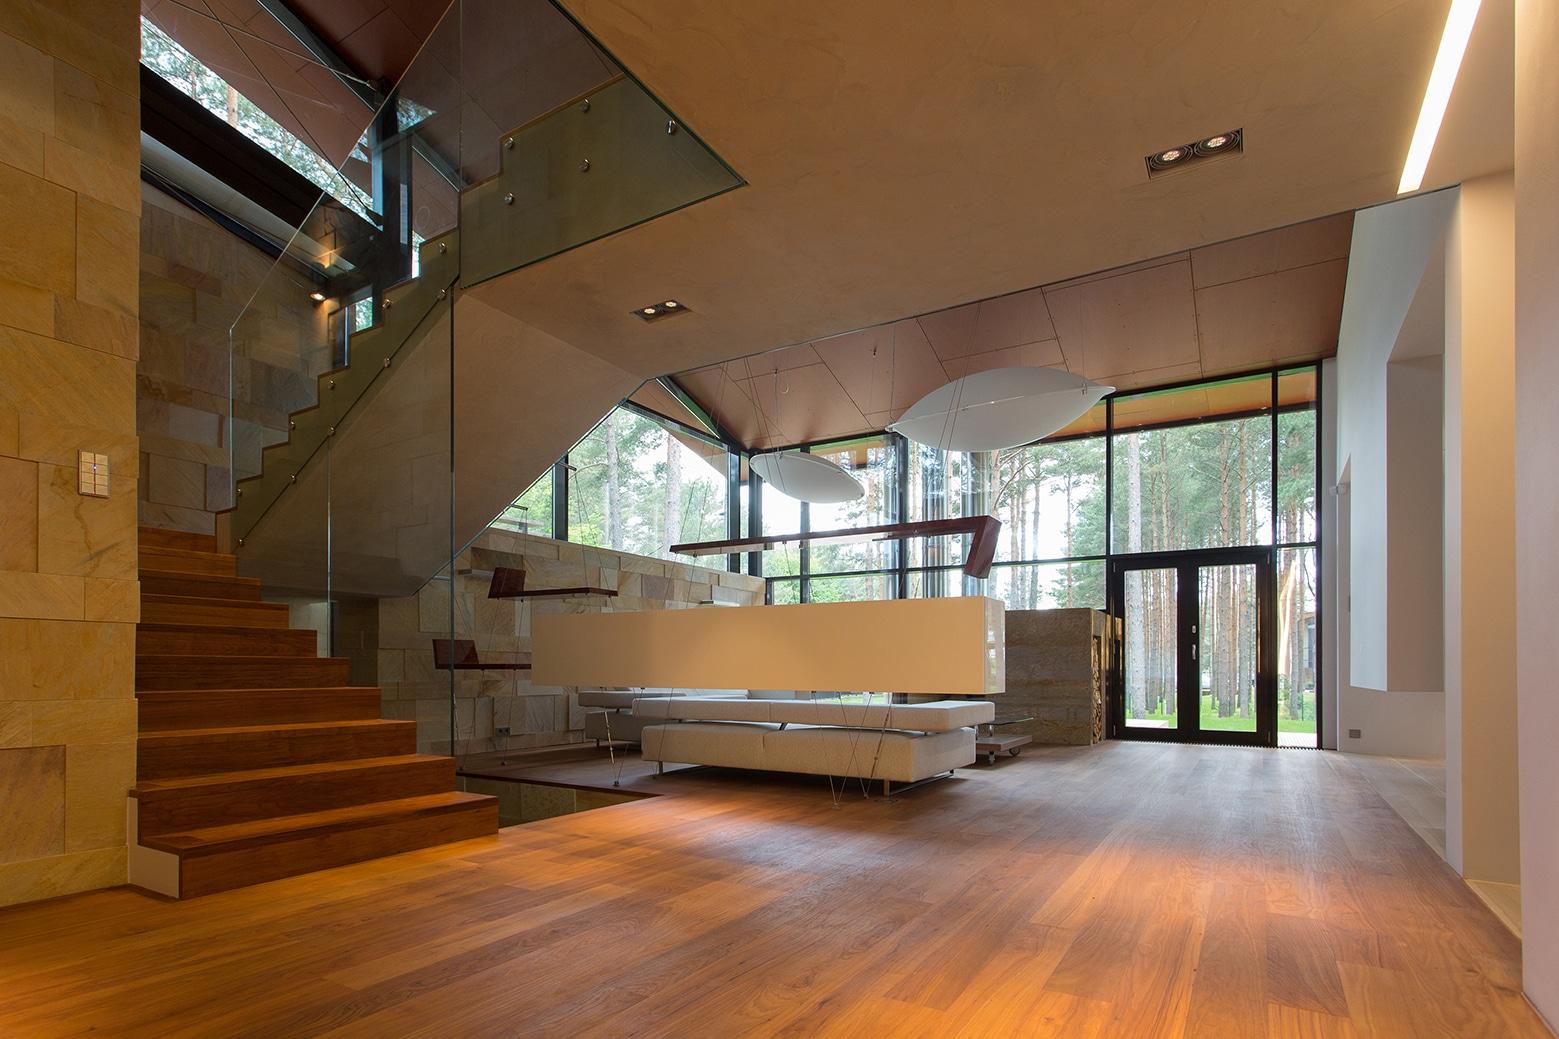 Casa de campo con planos dise o de fachada e interiores - Disenos interiores de casas ...